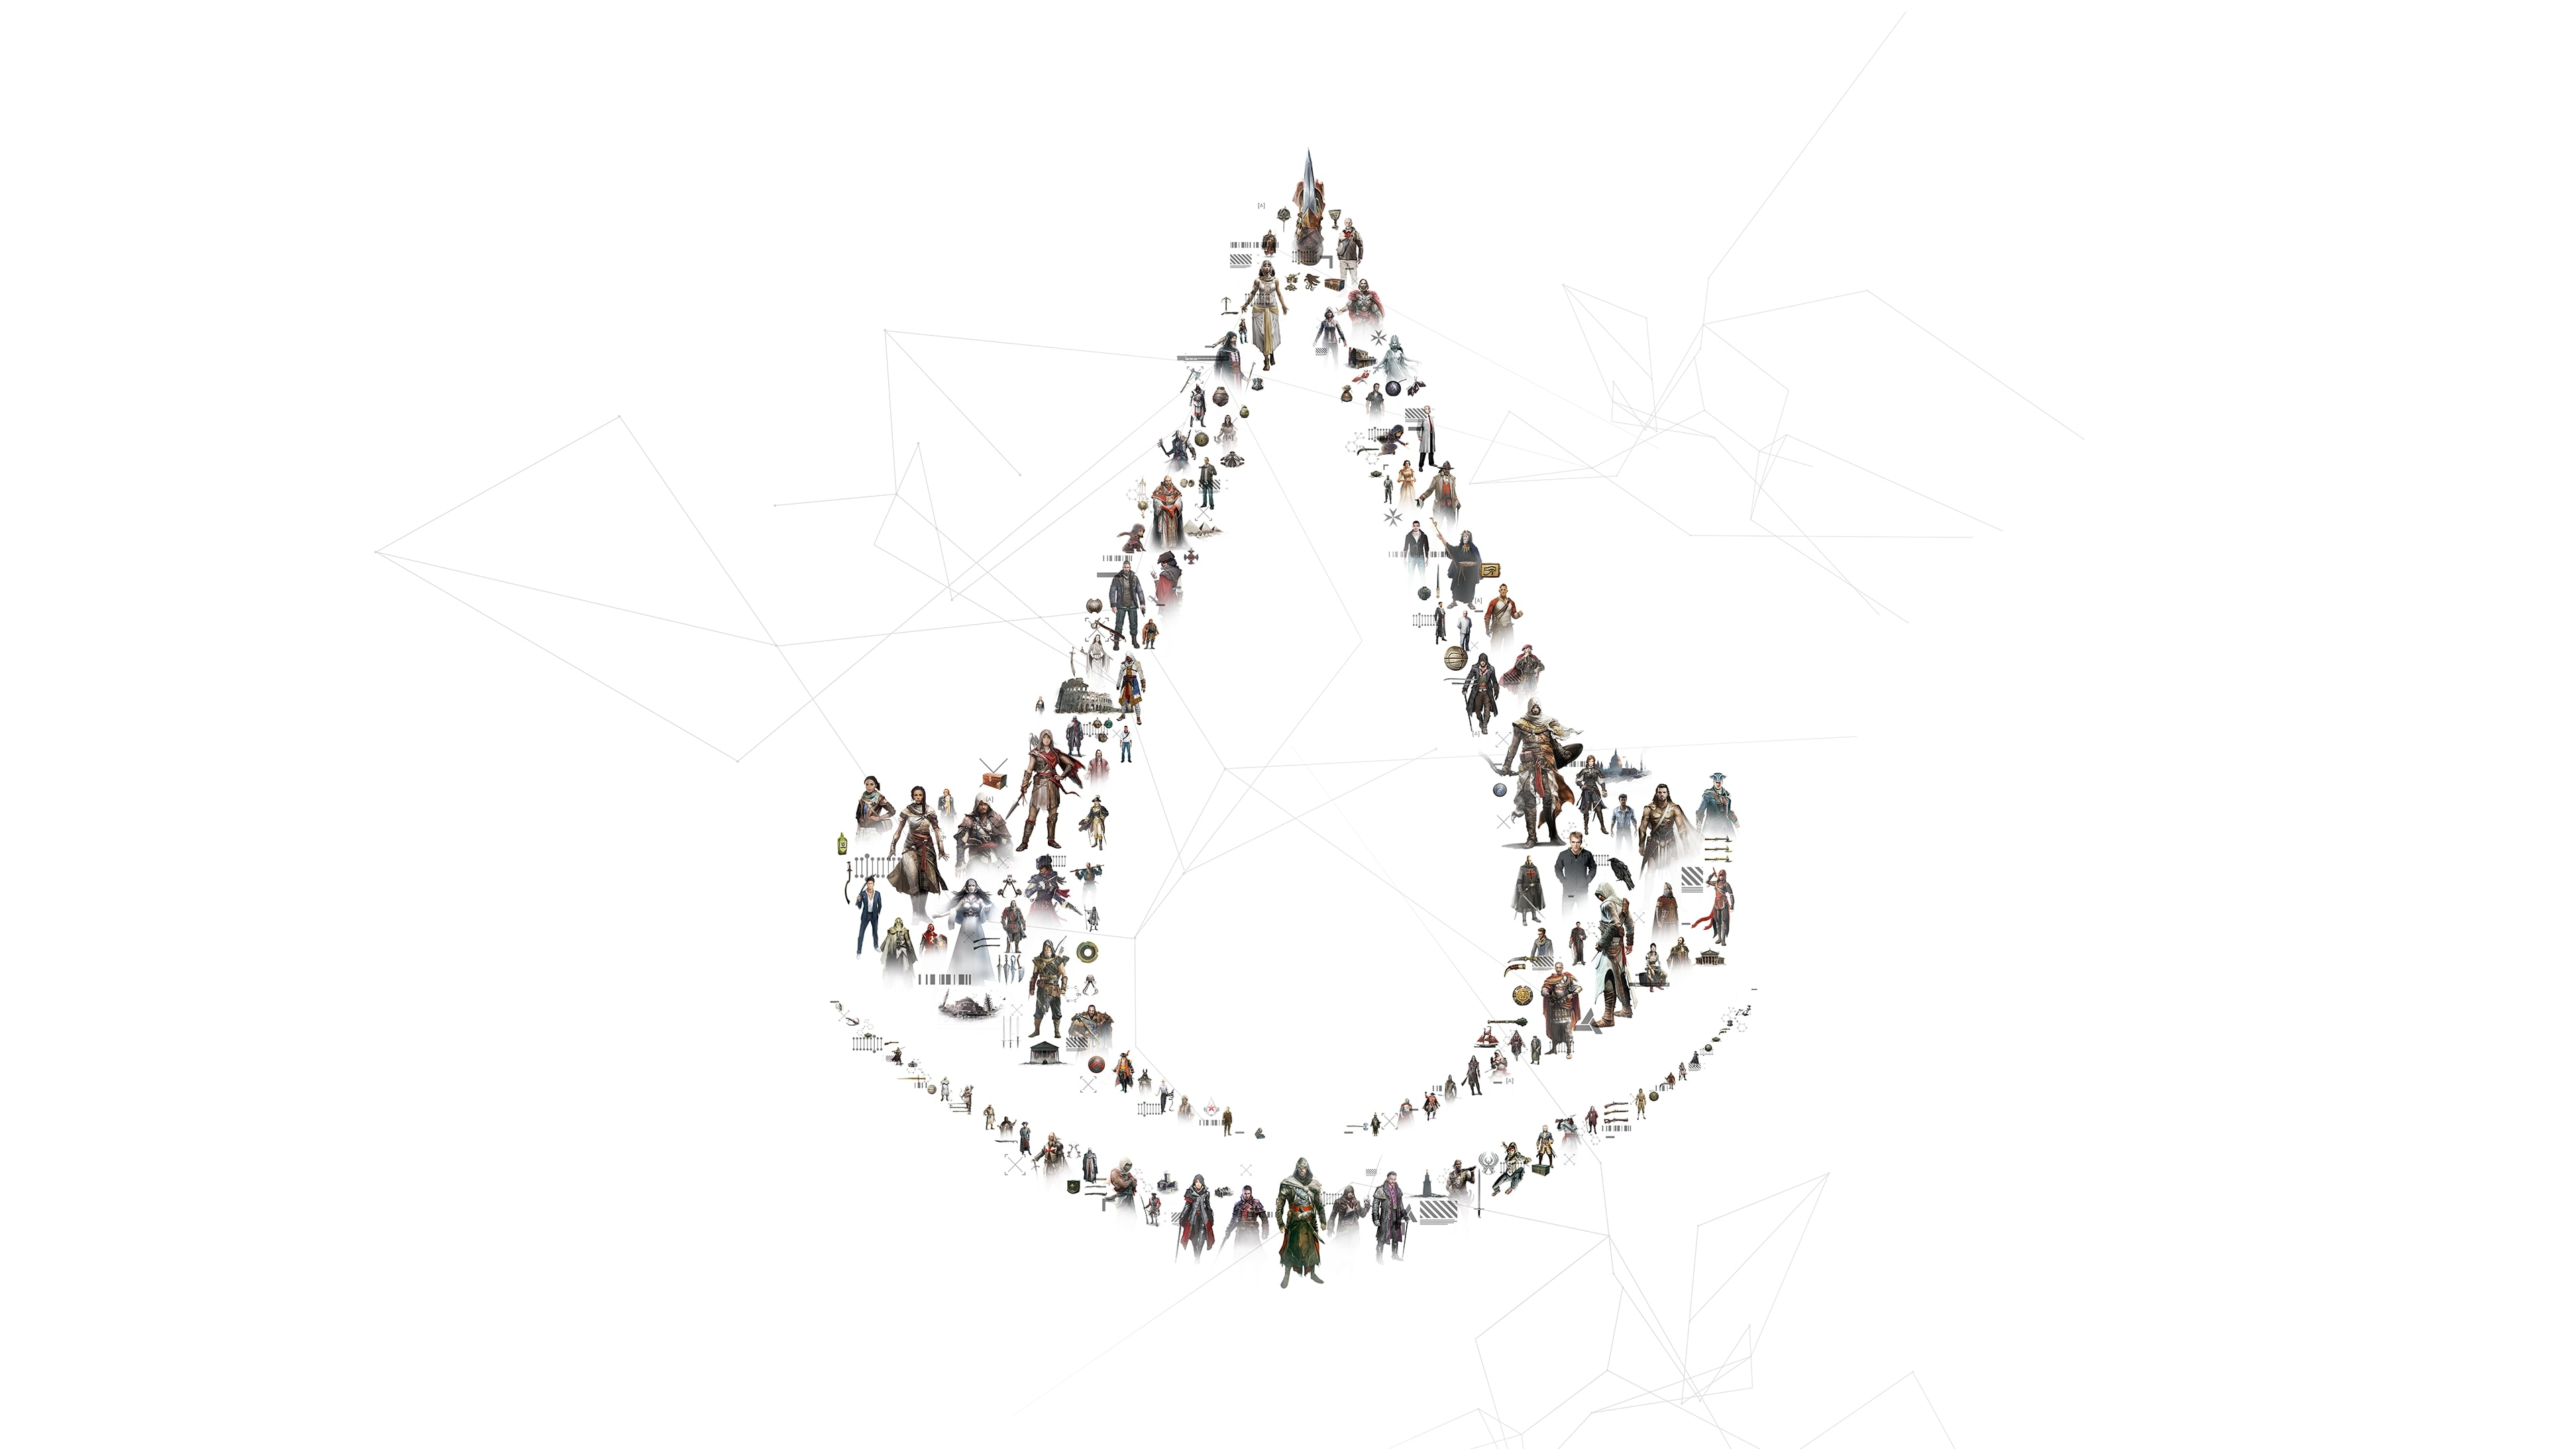 Perché Assassin's Creed non è più Assassin's Creed 1